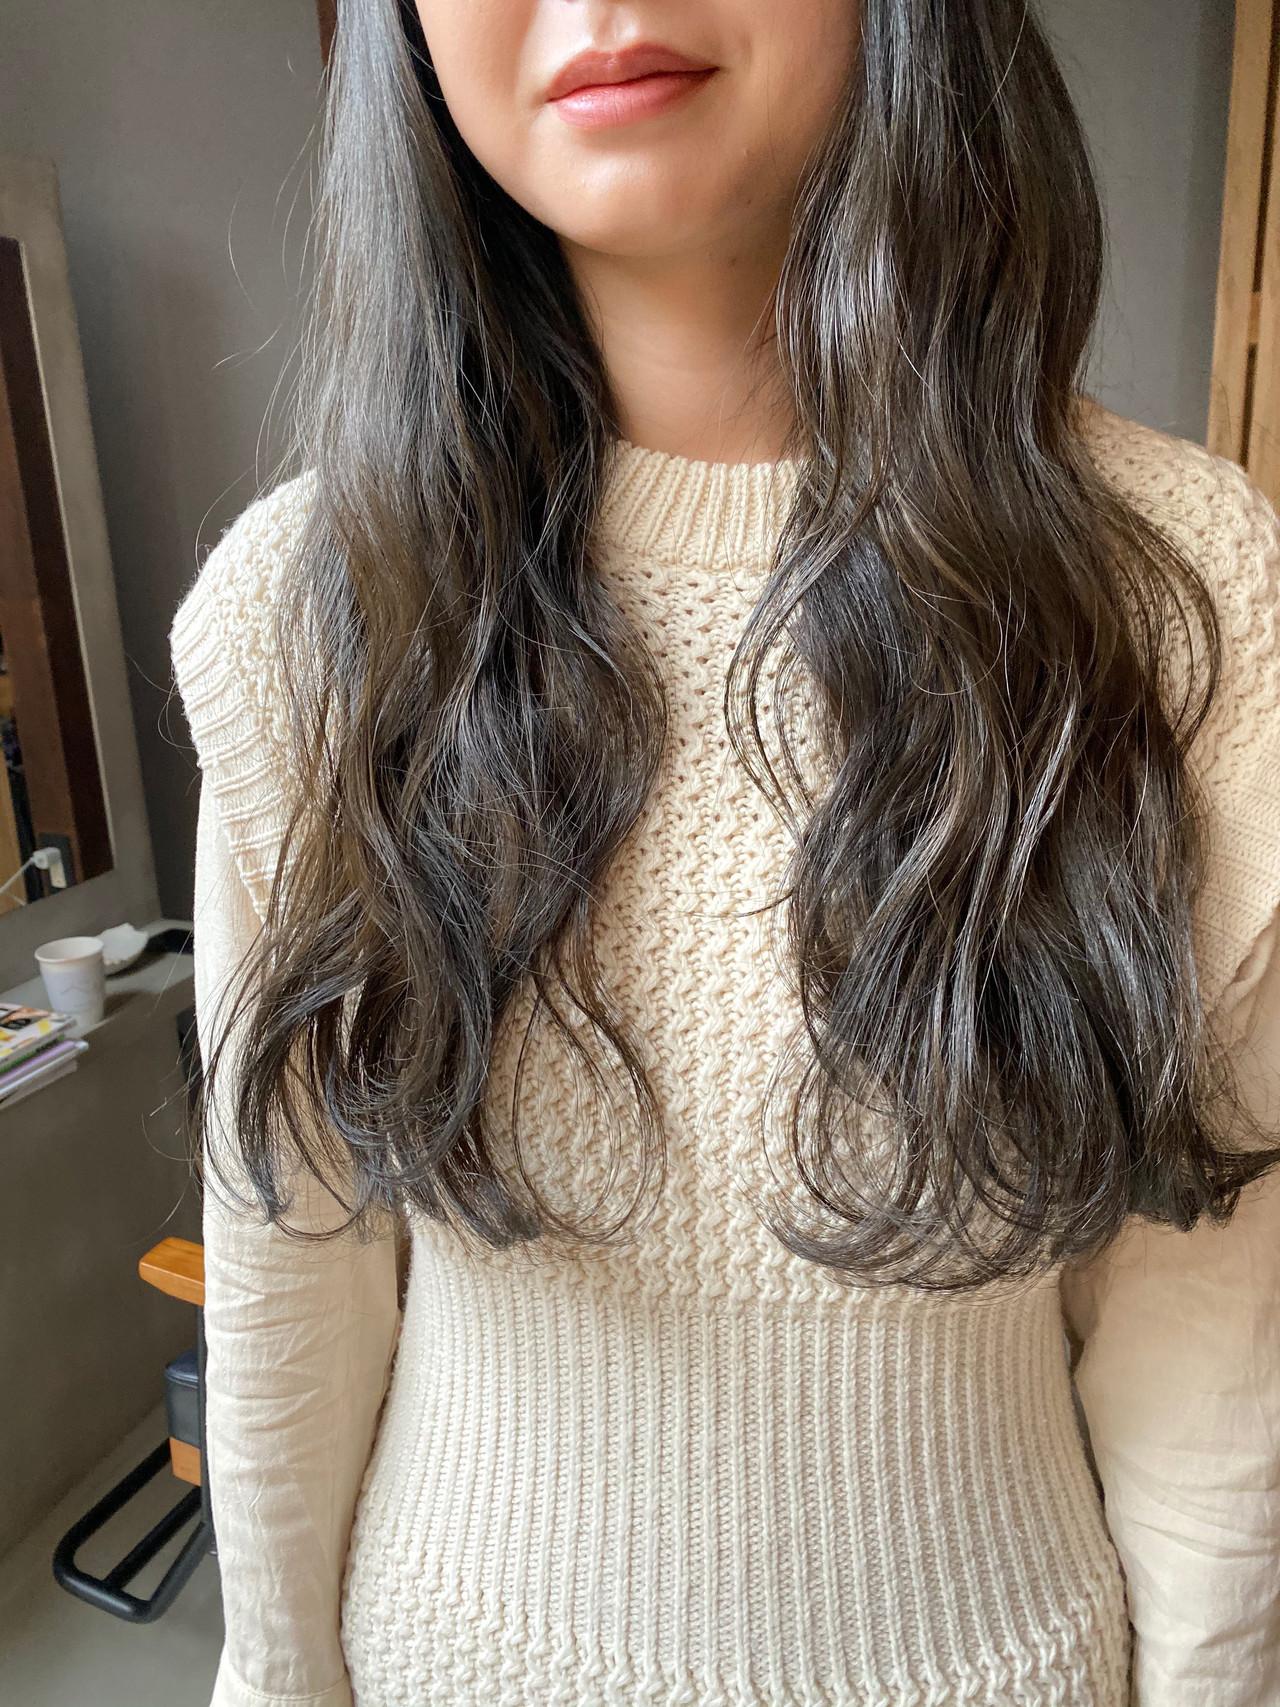 ナチュラル 透明感カラー くすみカラー 暗髪ヘアスタイルや髪型の写真・画像